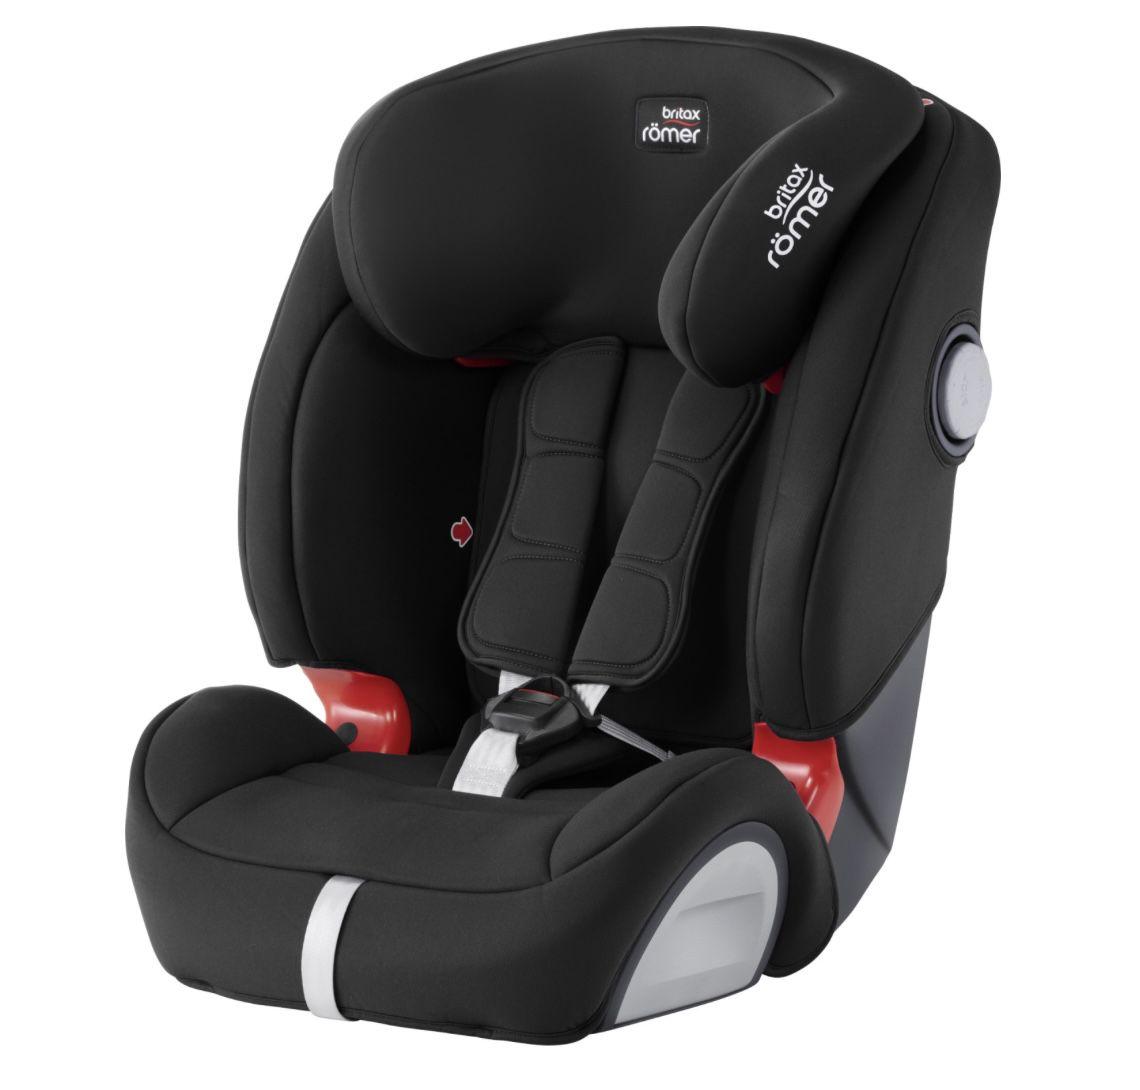 Britax Römer Kindersitz Evolva 123 SL SICT in Schwarz für 117,63€ (statt 129€) + 7 fach Babypunkte